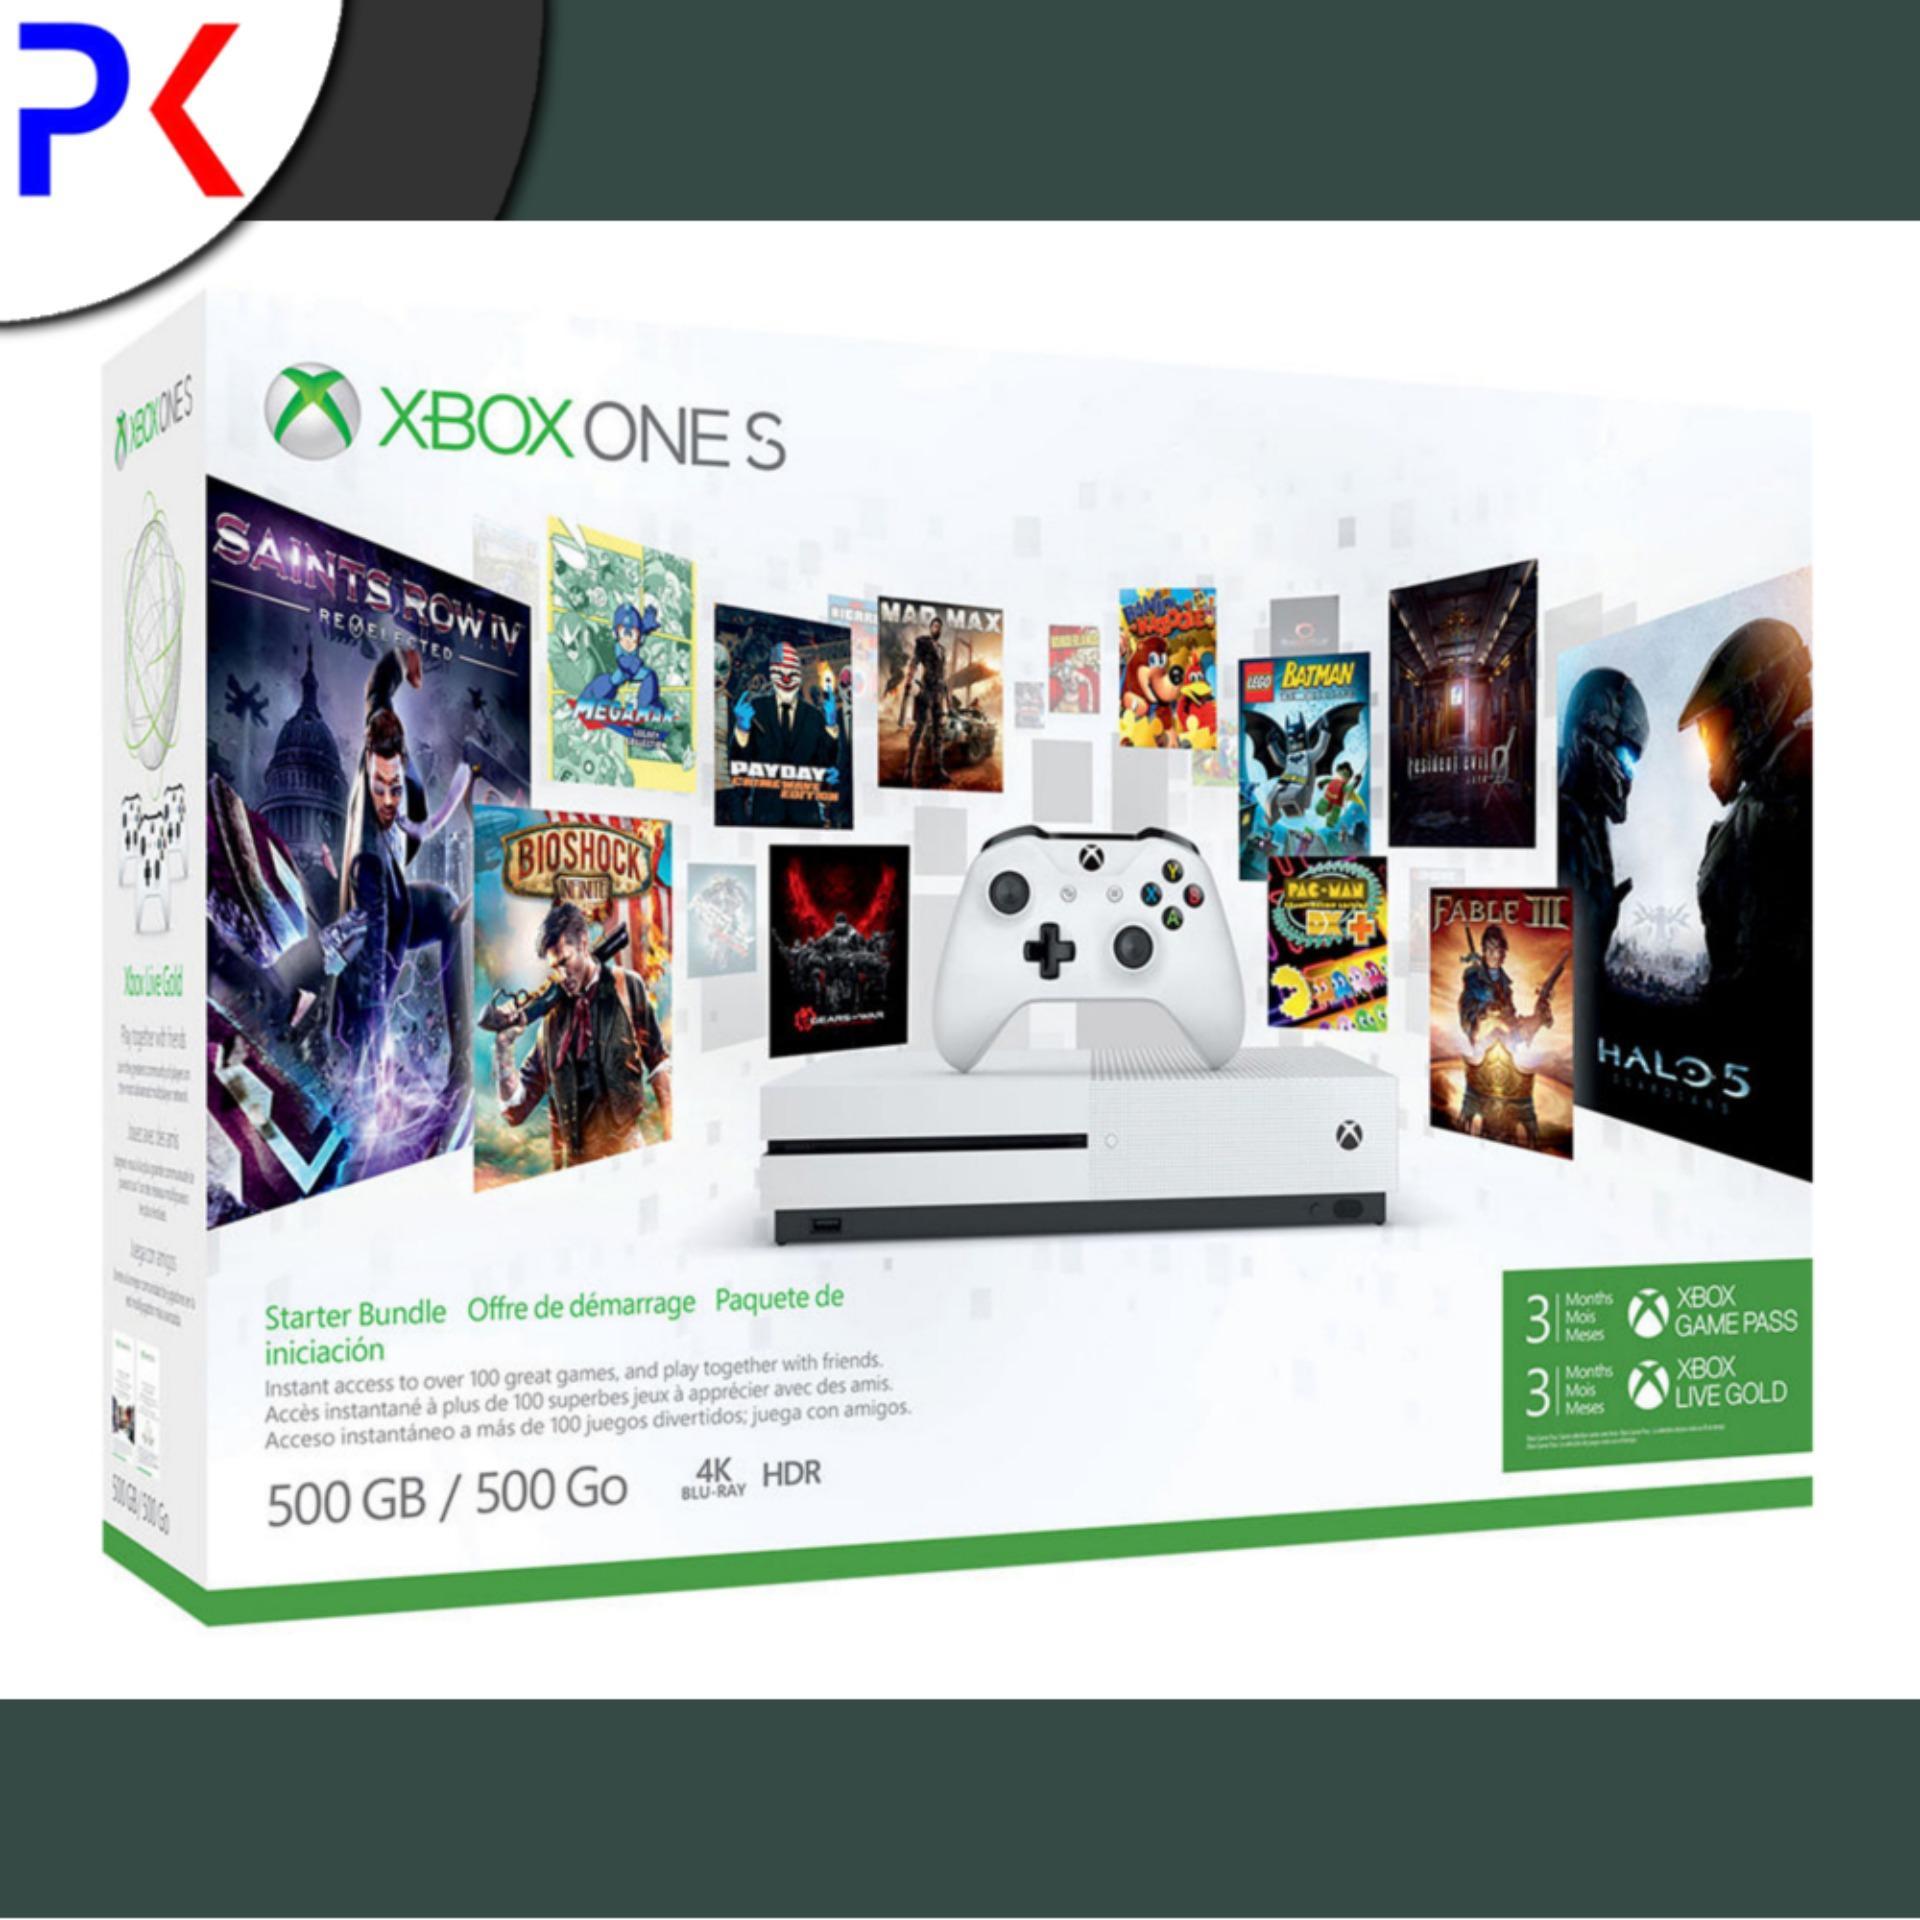 Xbox One S 500GB (ASIA) Starter Bundle